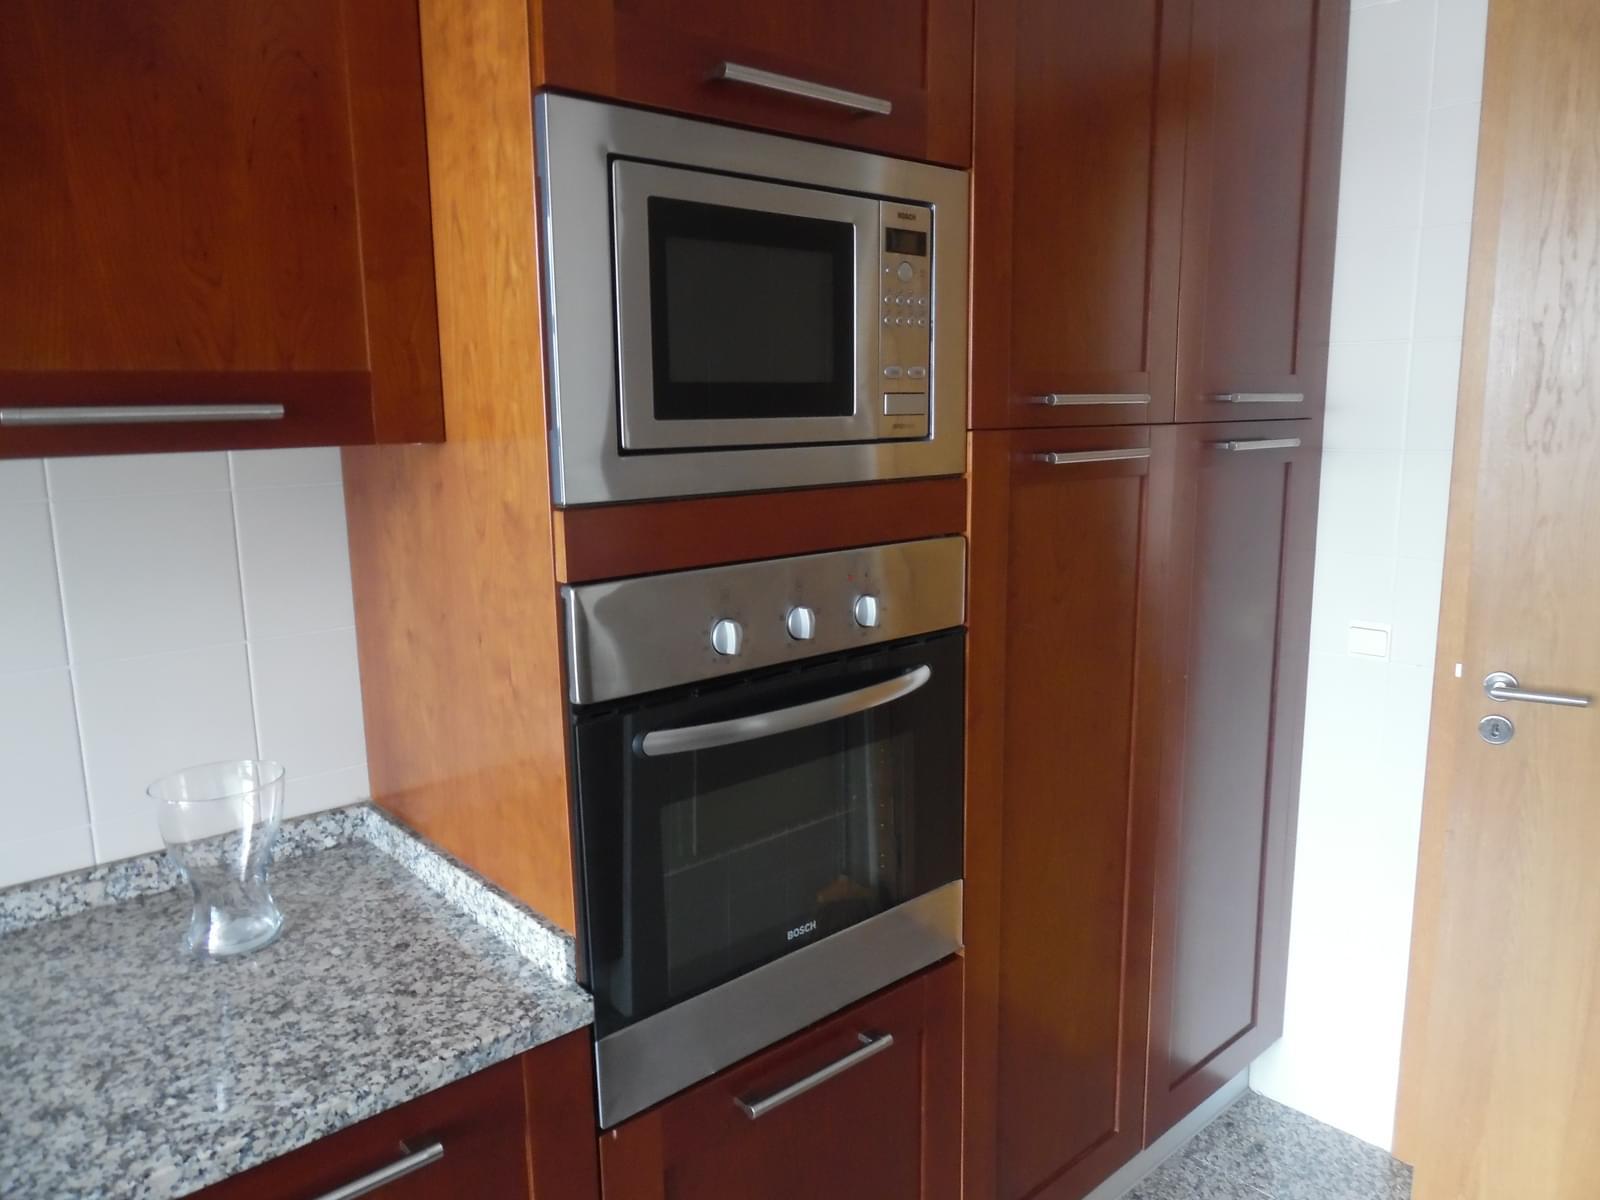 pf18329-apartamento-t1-lisboa-6bf9e8fe-1138-47c5-b532-9c8585b99c91